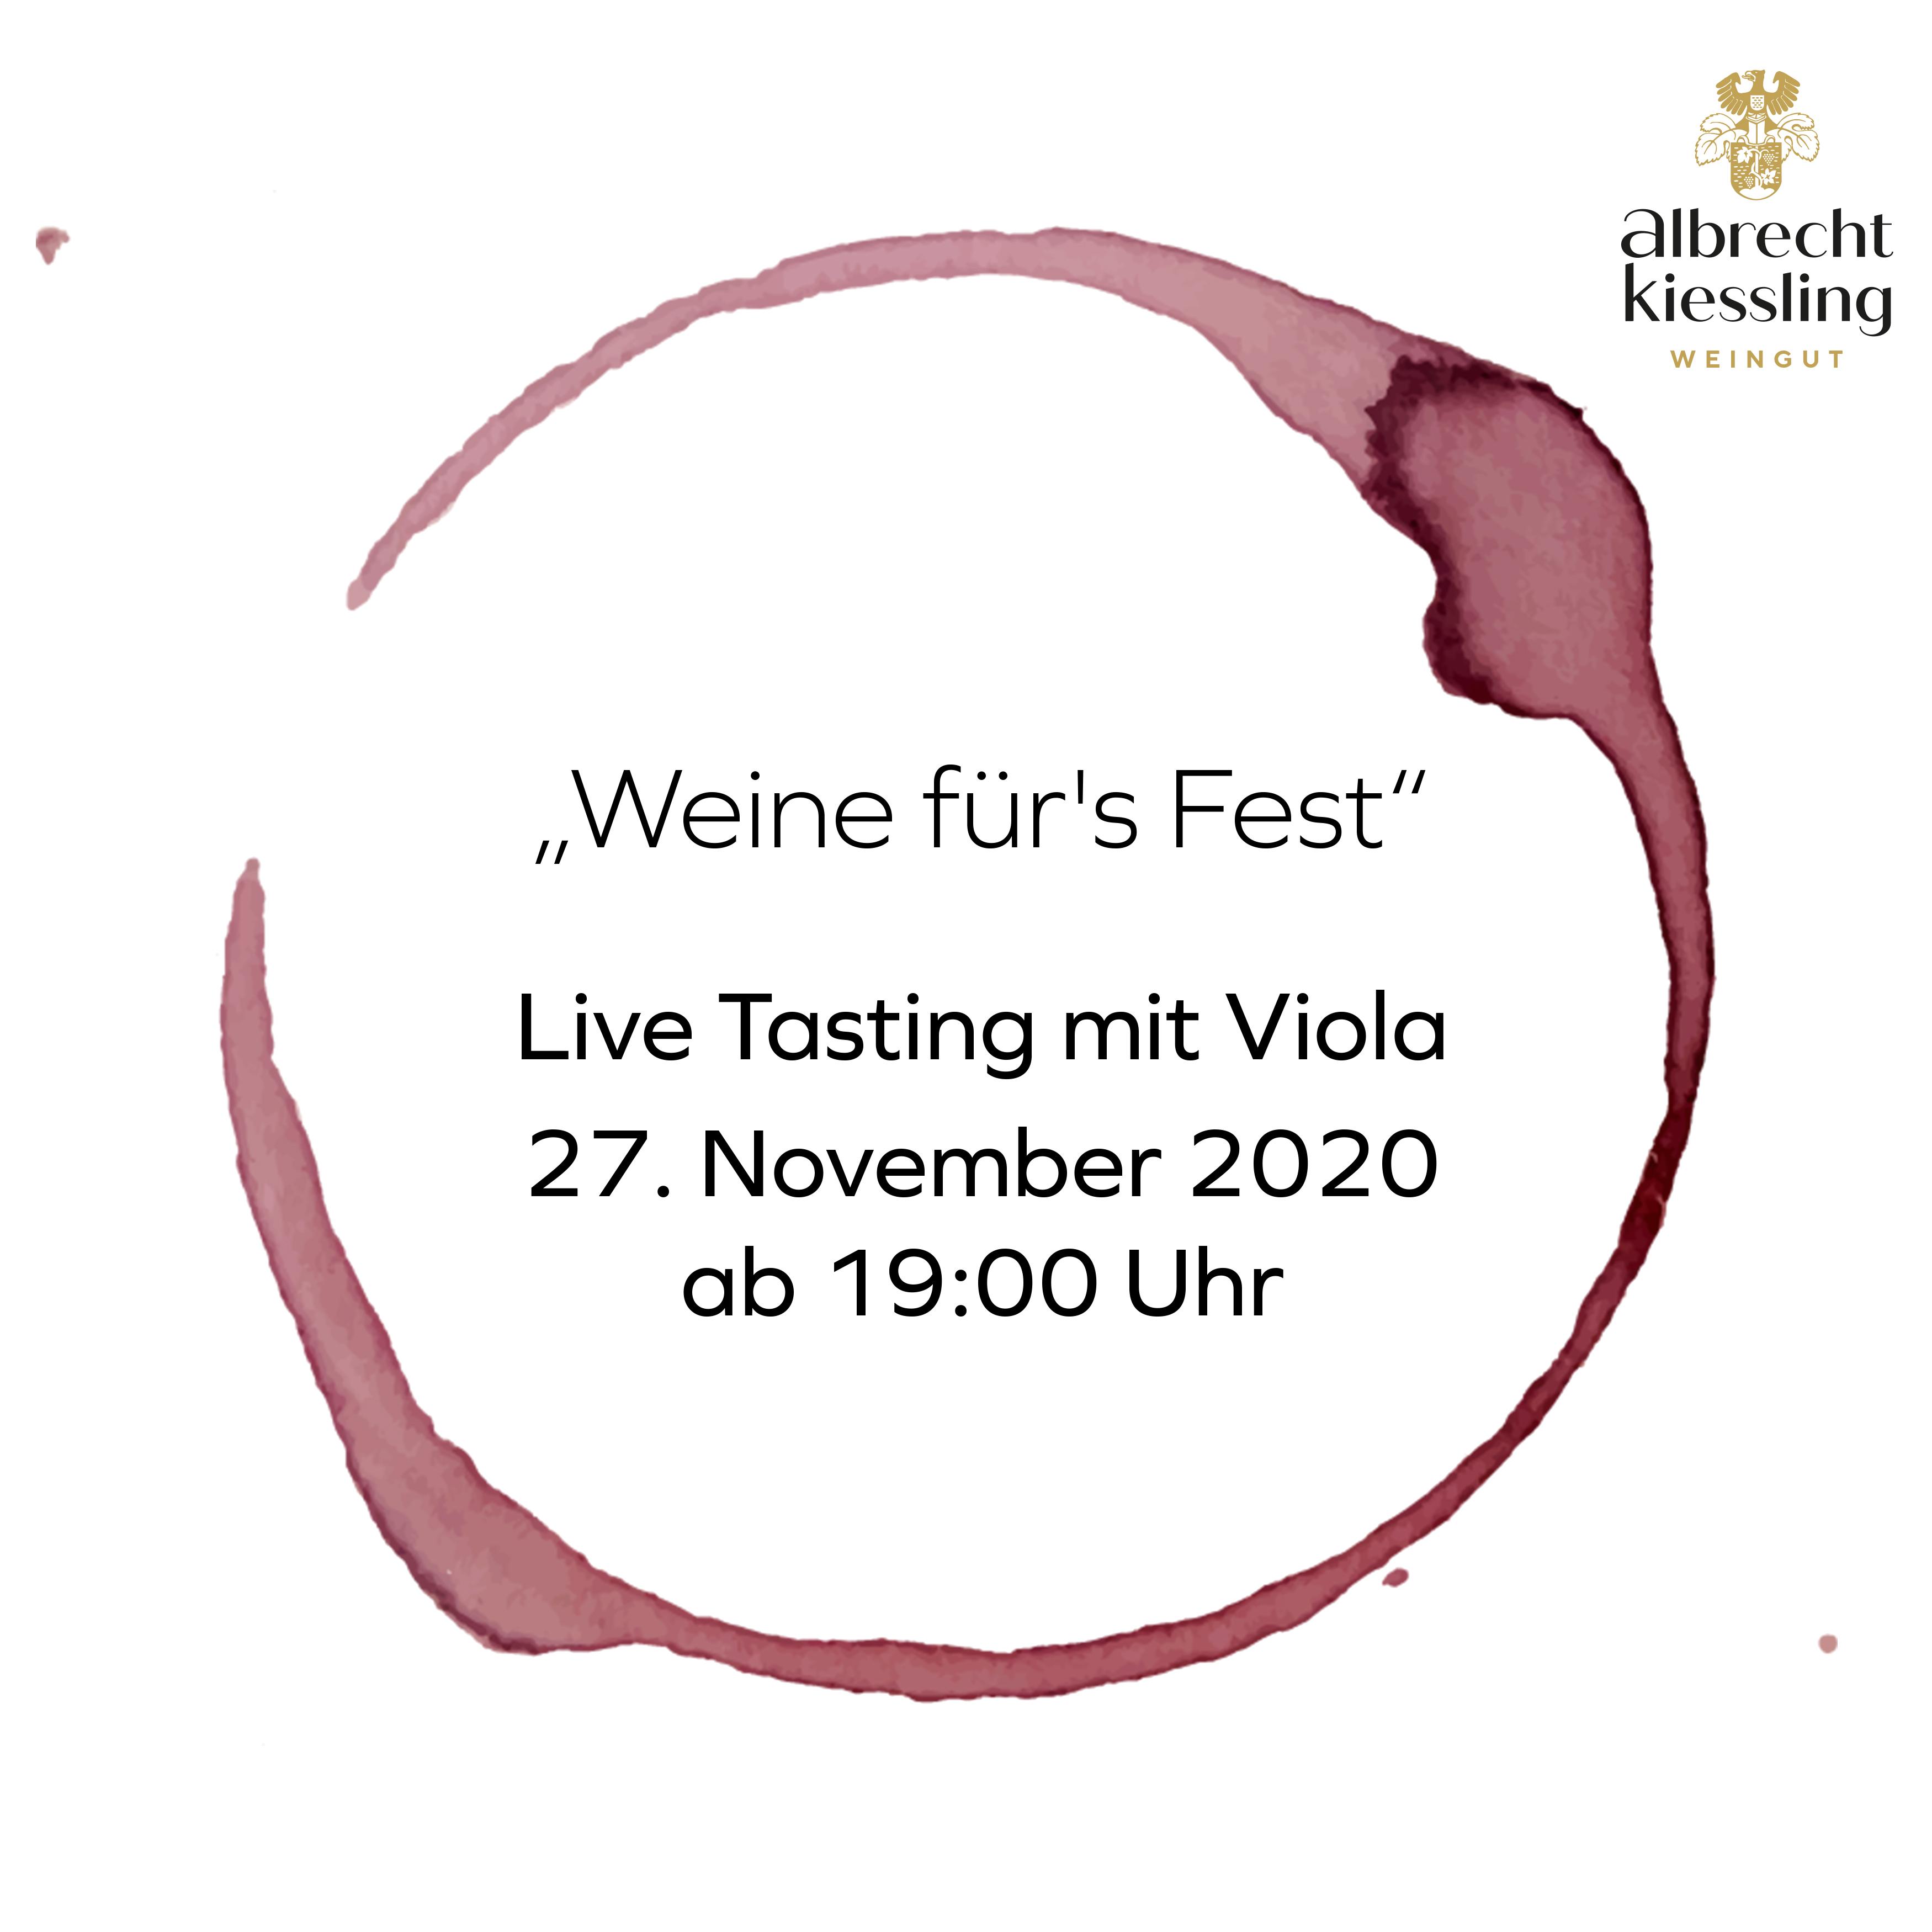 Live-Tasting mit Viola - Weine fürs Fest